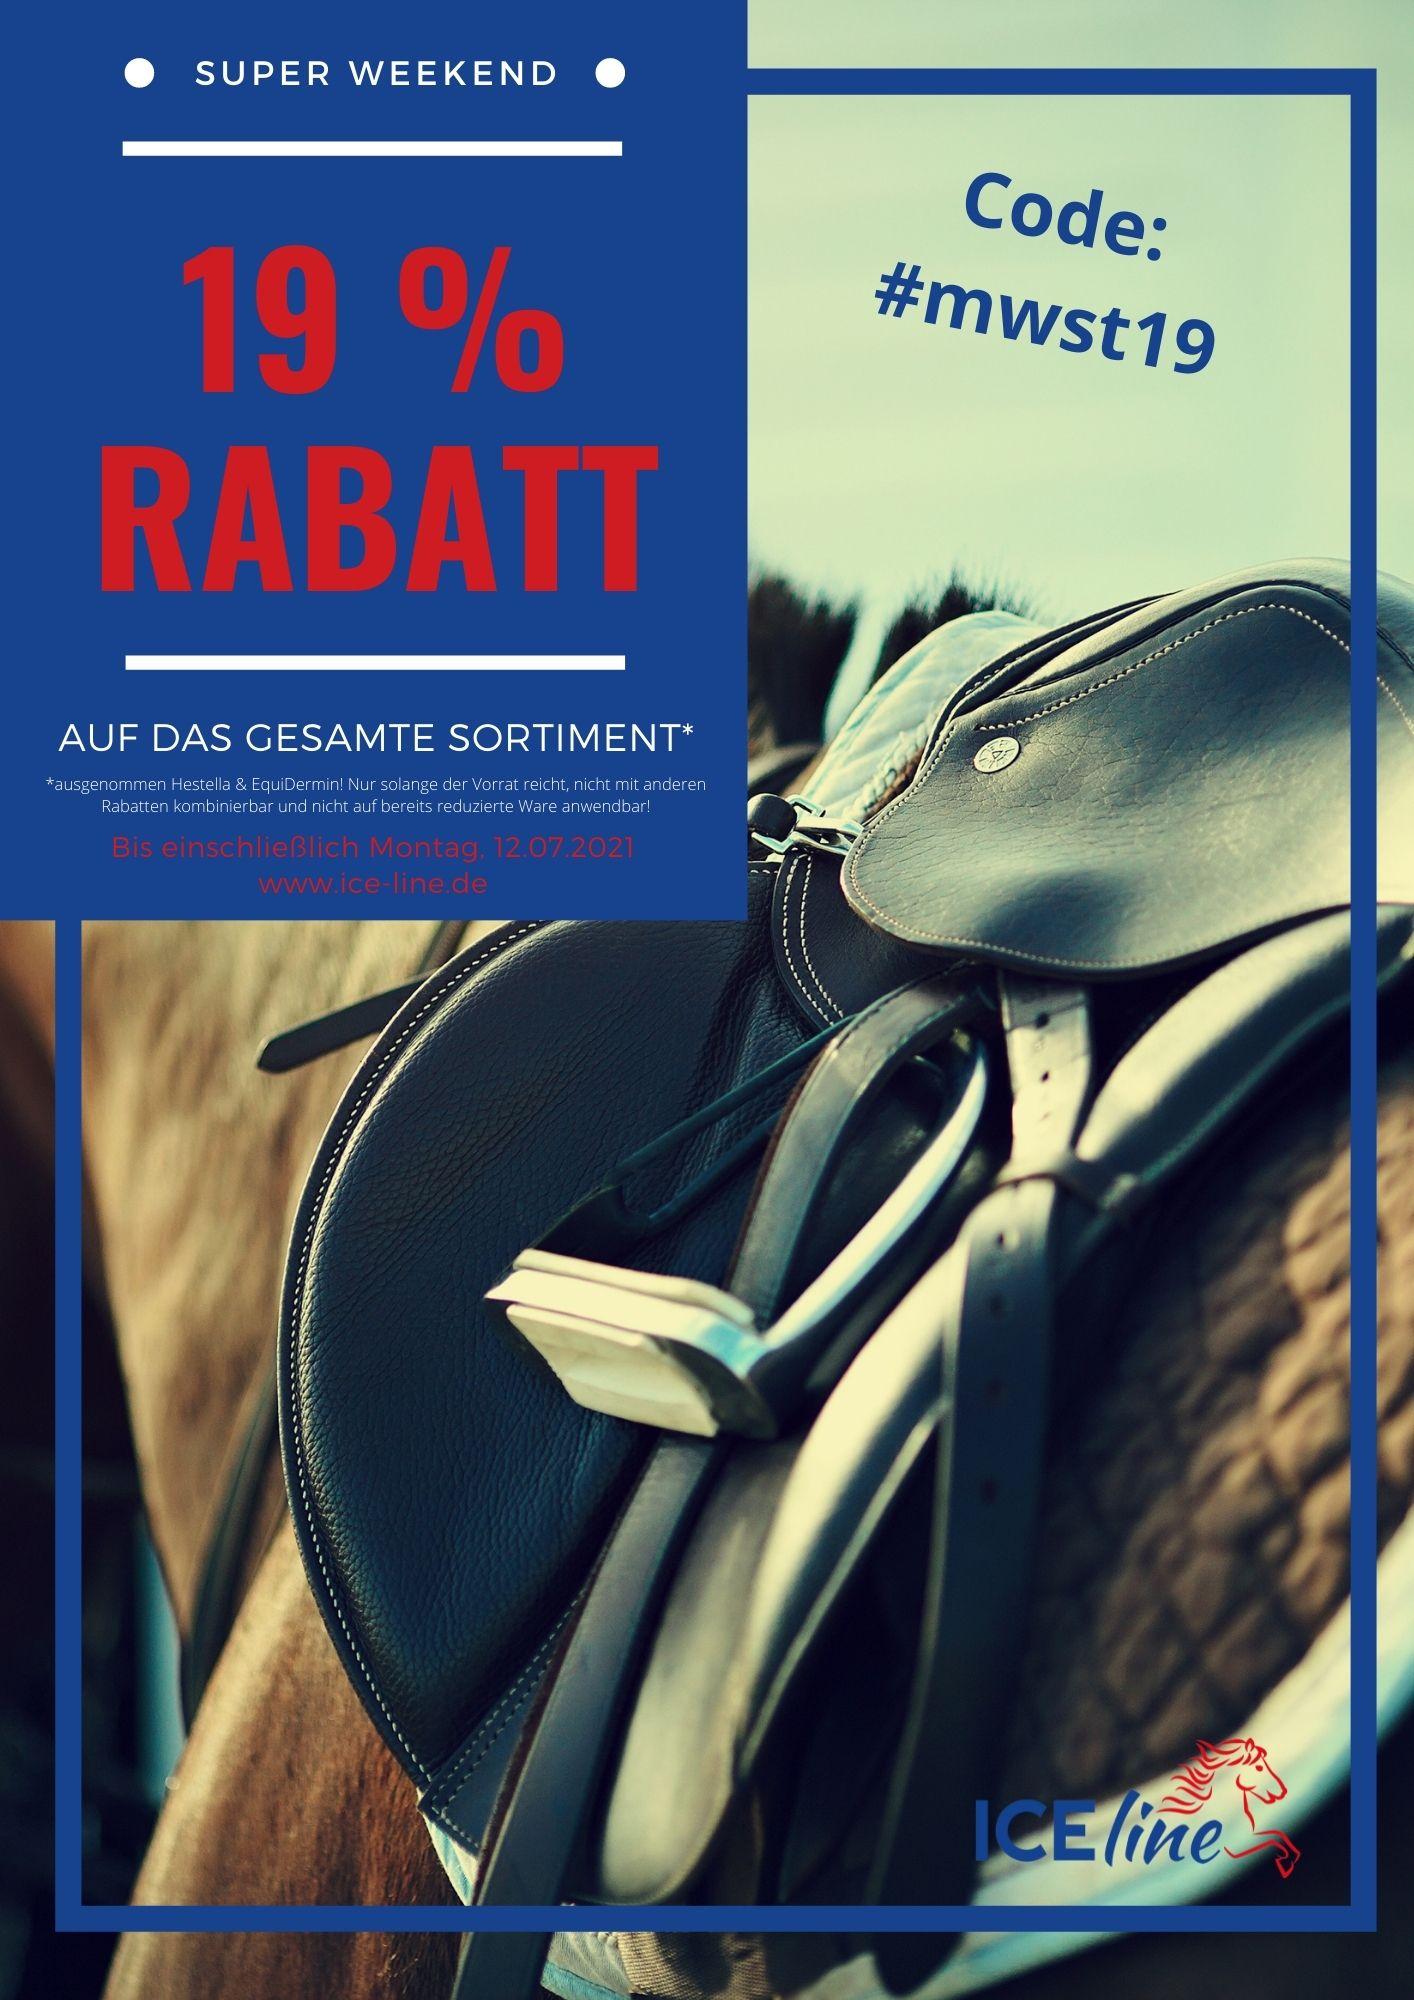 SUPER WEEKEND - 19% Rabatt! 1